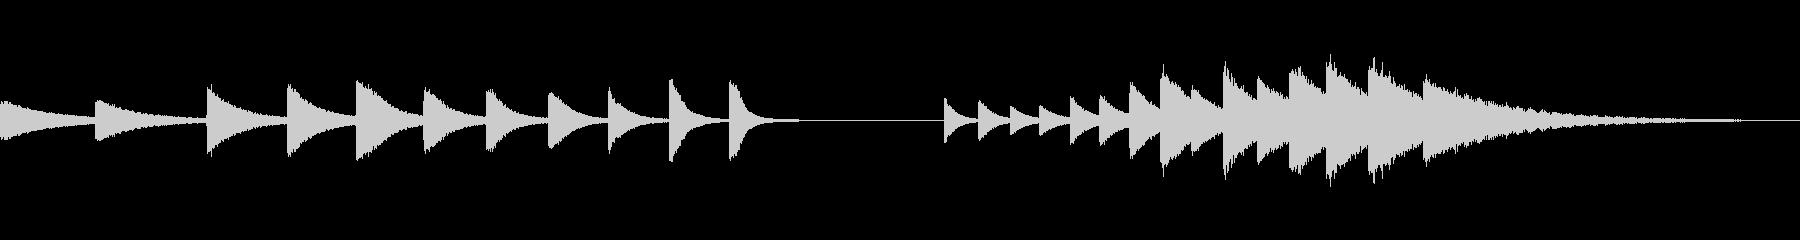 スペースチャイム、上下スケール、電...の未再生の波形